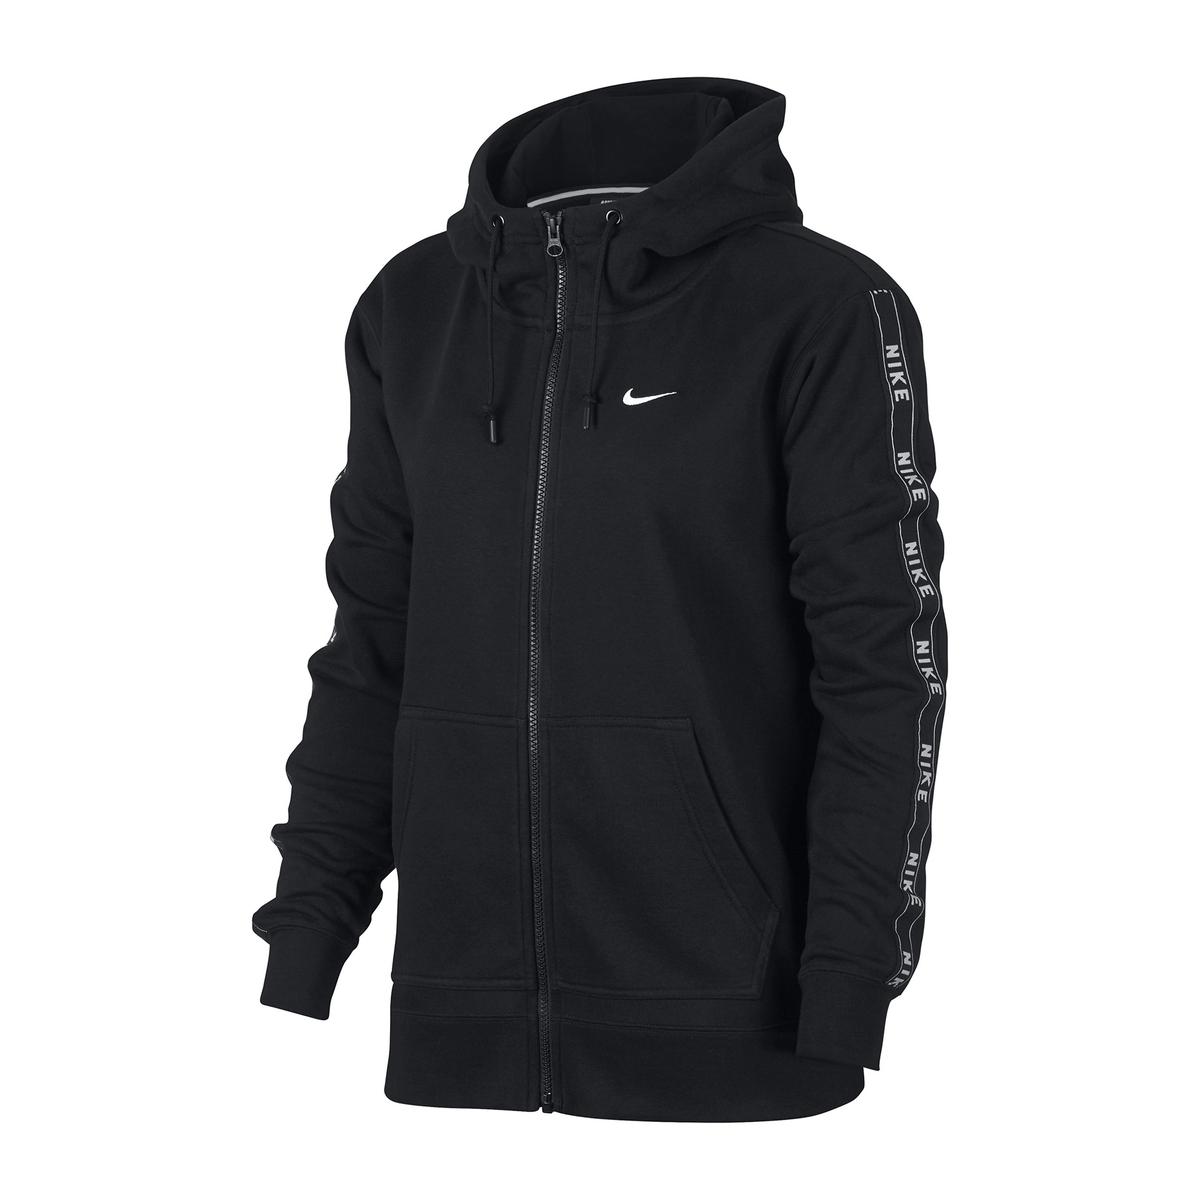 Sudadera Sportswear AR3056-011